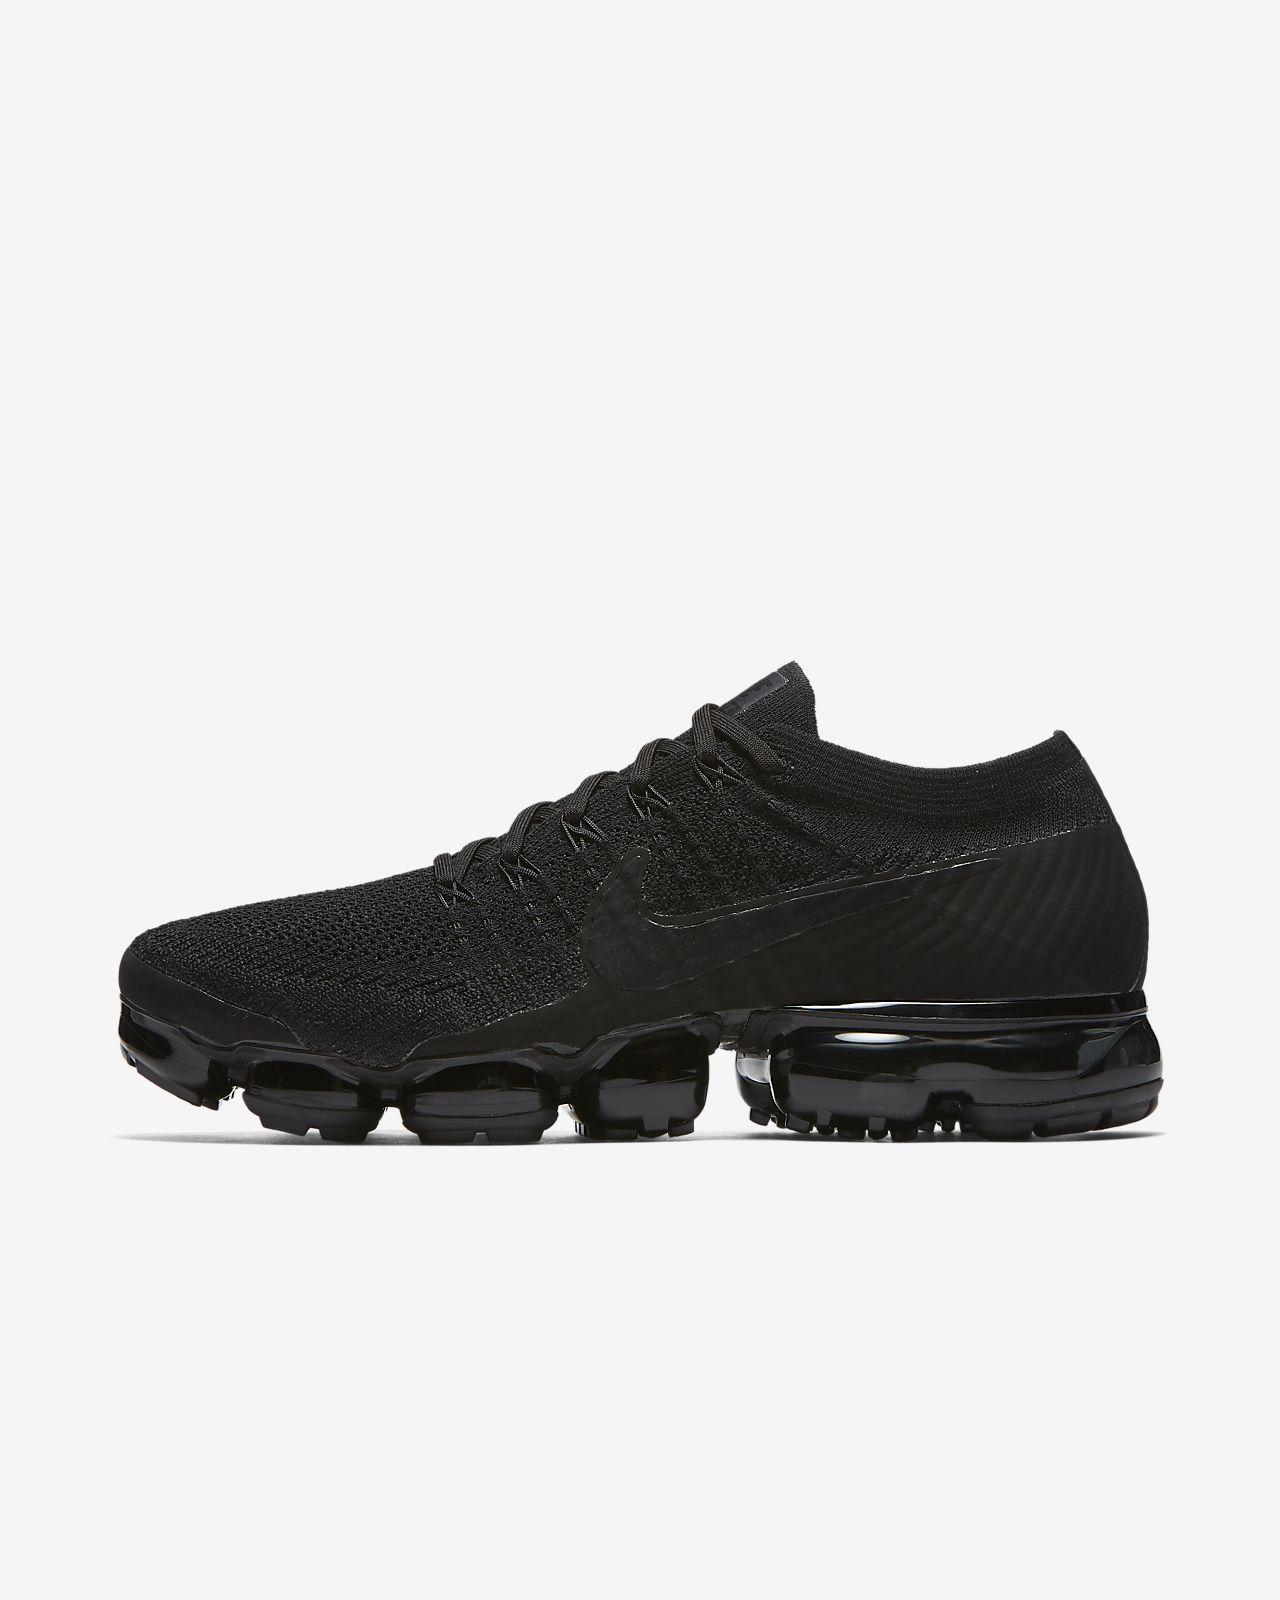 ... Chaussure de running Nike Air VaporMax Flyknit « Triple Noir » pour  Homme